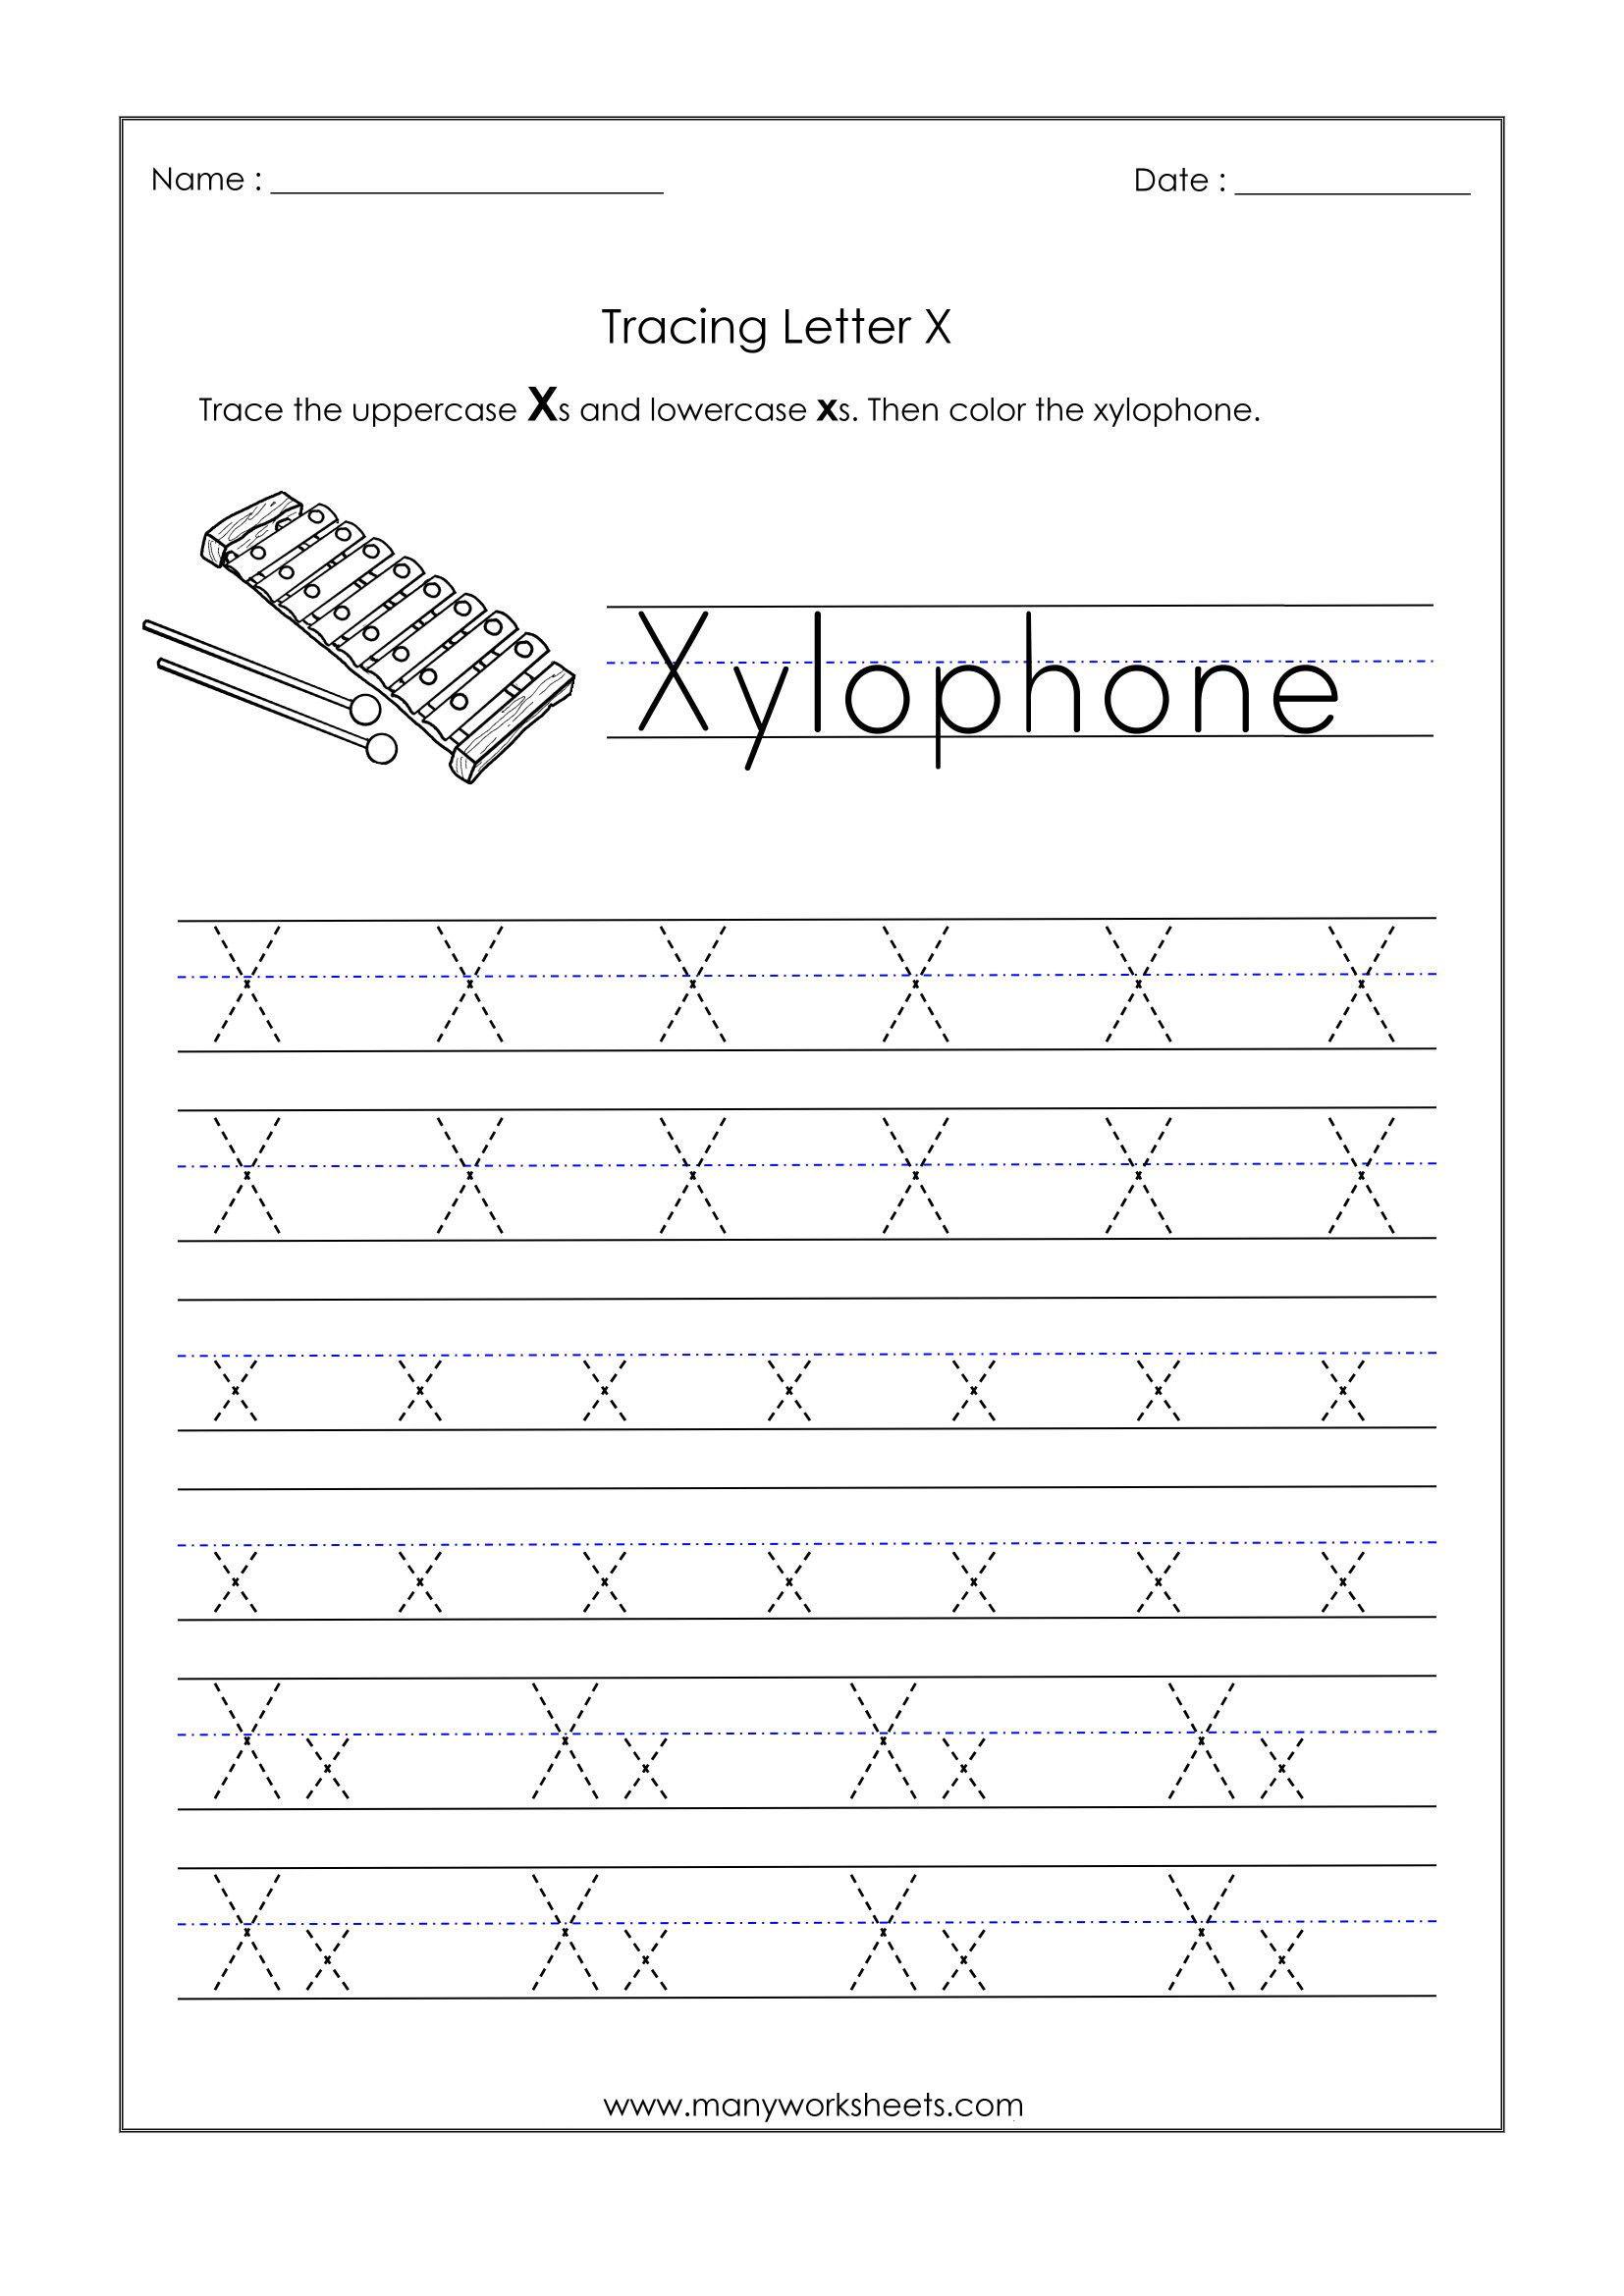 Letter X Worksheets For Kindergarten Letter X Worksheets For Kindergarten Trace Dotted In 2020 Kindergarten Worksheets Preschool Worksheets Letter Tracing Worksheets